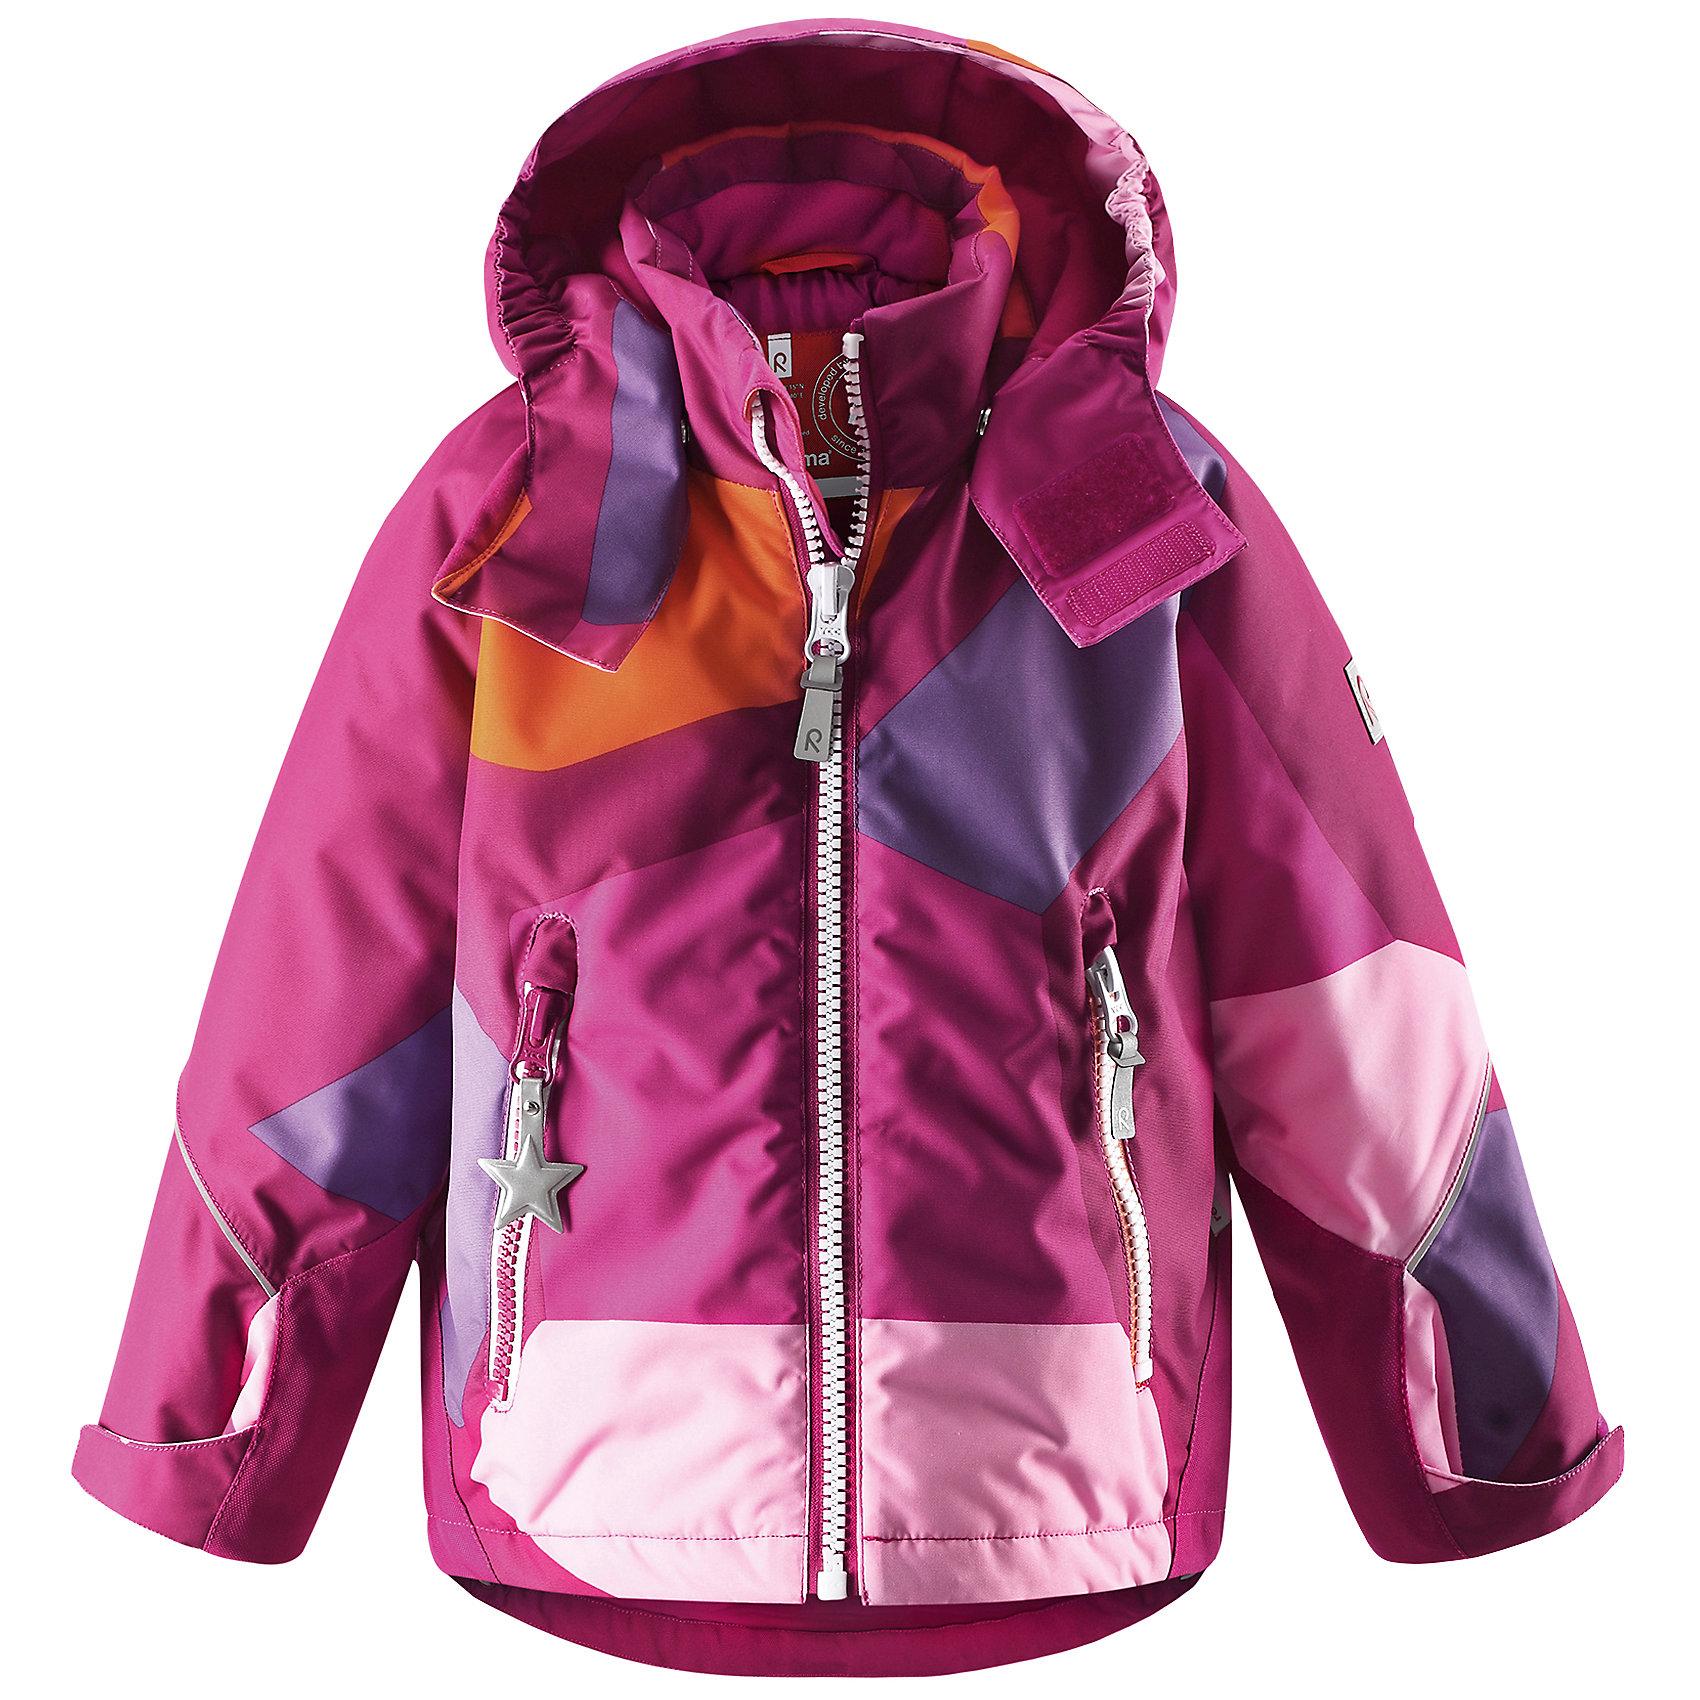 Куртка для девочки ReimaКуртка от финской марки Reima.<br>*Водоотталкивающая зимняя куртка Kiddo для детей постарше<br>*Основные швы проклеены, водонепроницаемы<br>*Безопасный сьемный капюшон<br>*Прочные усиления на заднем подоле и манжетах<br>*Два кармана на молнии<br>*Регулируемый подол и манжеты<br>*Множество светоотражающих деталей<br>Состав:<br>100% ПЭ, ПУ-покрытие<br><br>Ширина мм: 356<br>Глубина мм: 10<br>Высота мм: 245<br>Вес г: 519<br>Цвет: розовый<br>Возраст от месяцев: 48<br>Возраст до месяцев: 60<br>Пол: Женский<br>Возраст: Детский<br>Размер: 110,104,116,122,128,140,134<br>SKU: 4632023